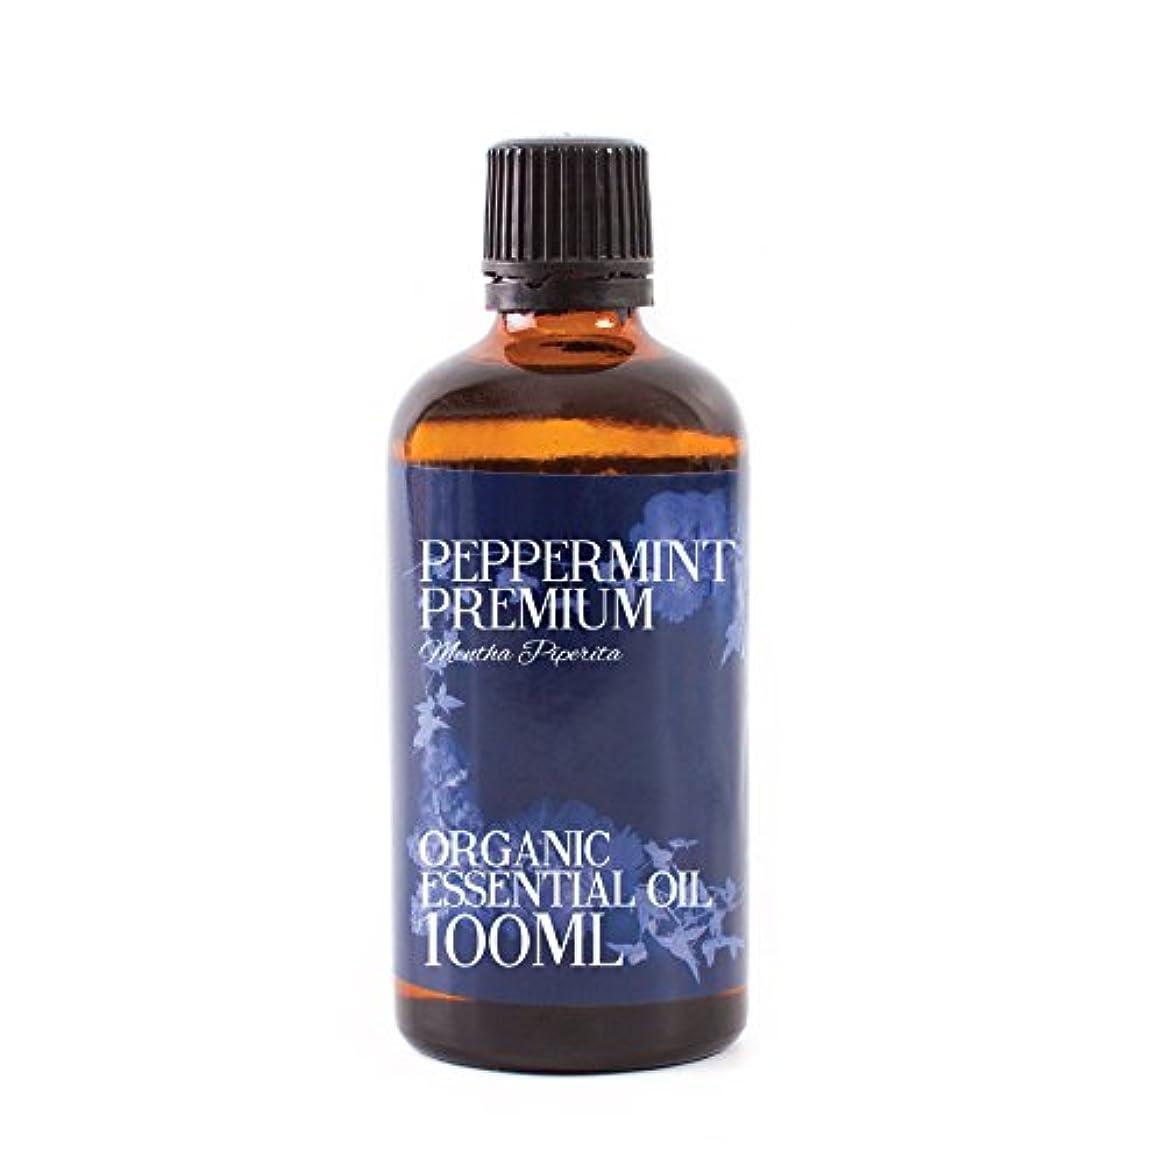 見捨てるランドマーク宿るMystic Moments | Peppermint Premium Organic Essential Oil - 100ml - 100% Pure